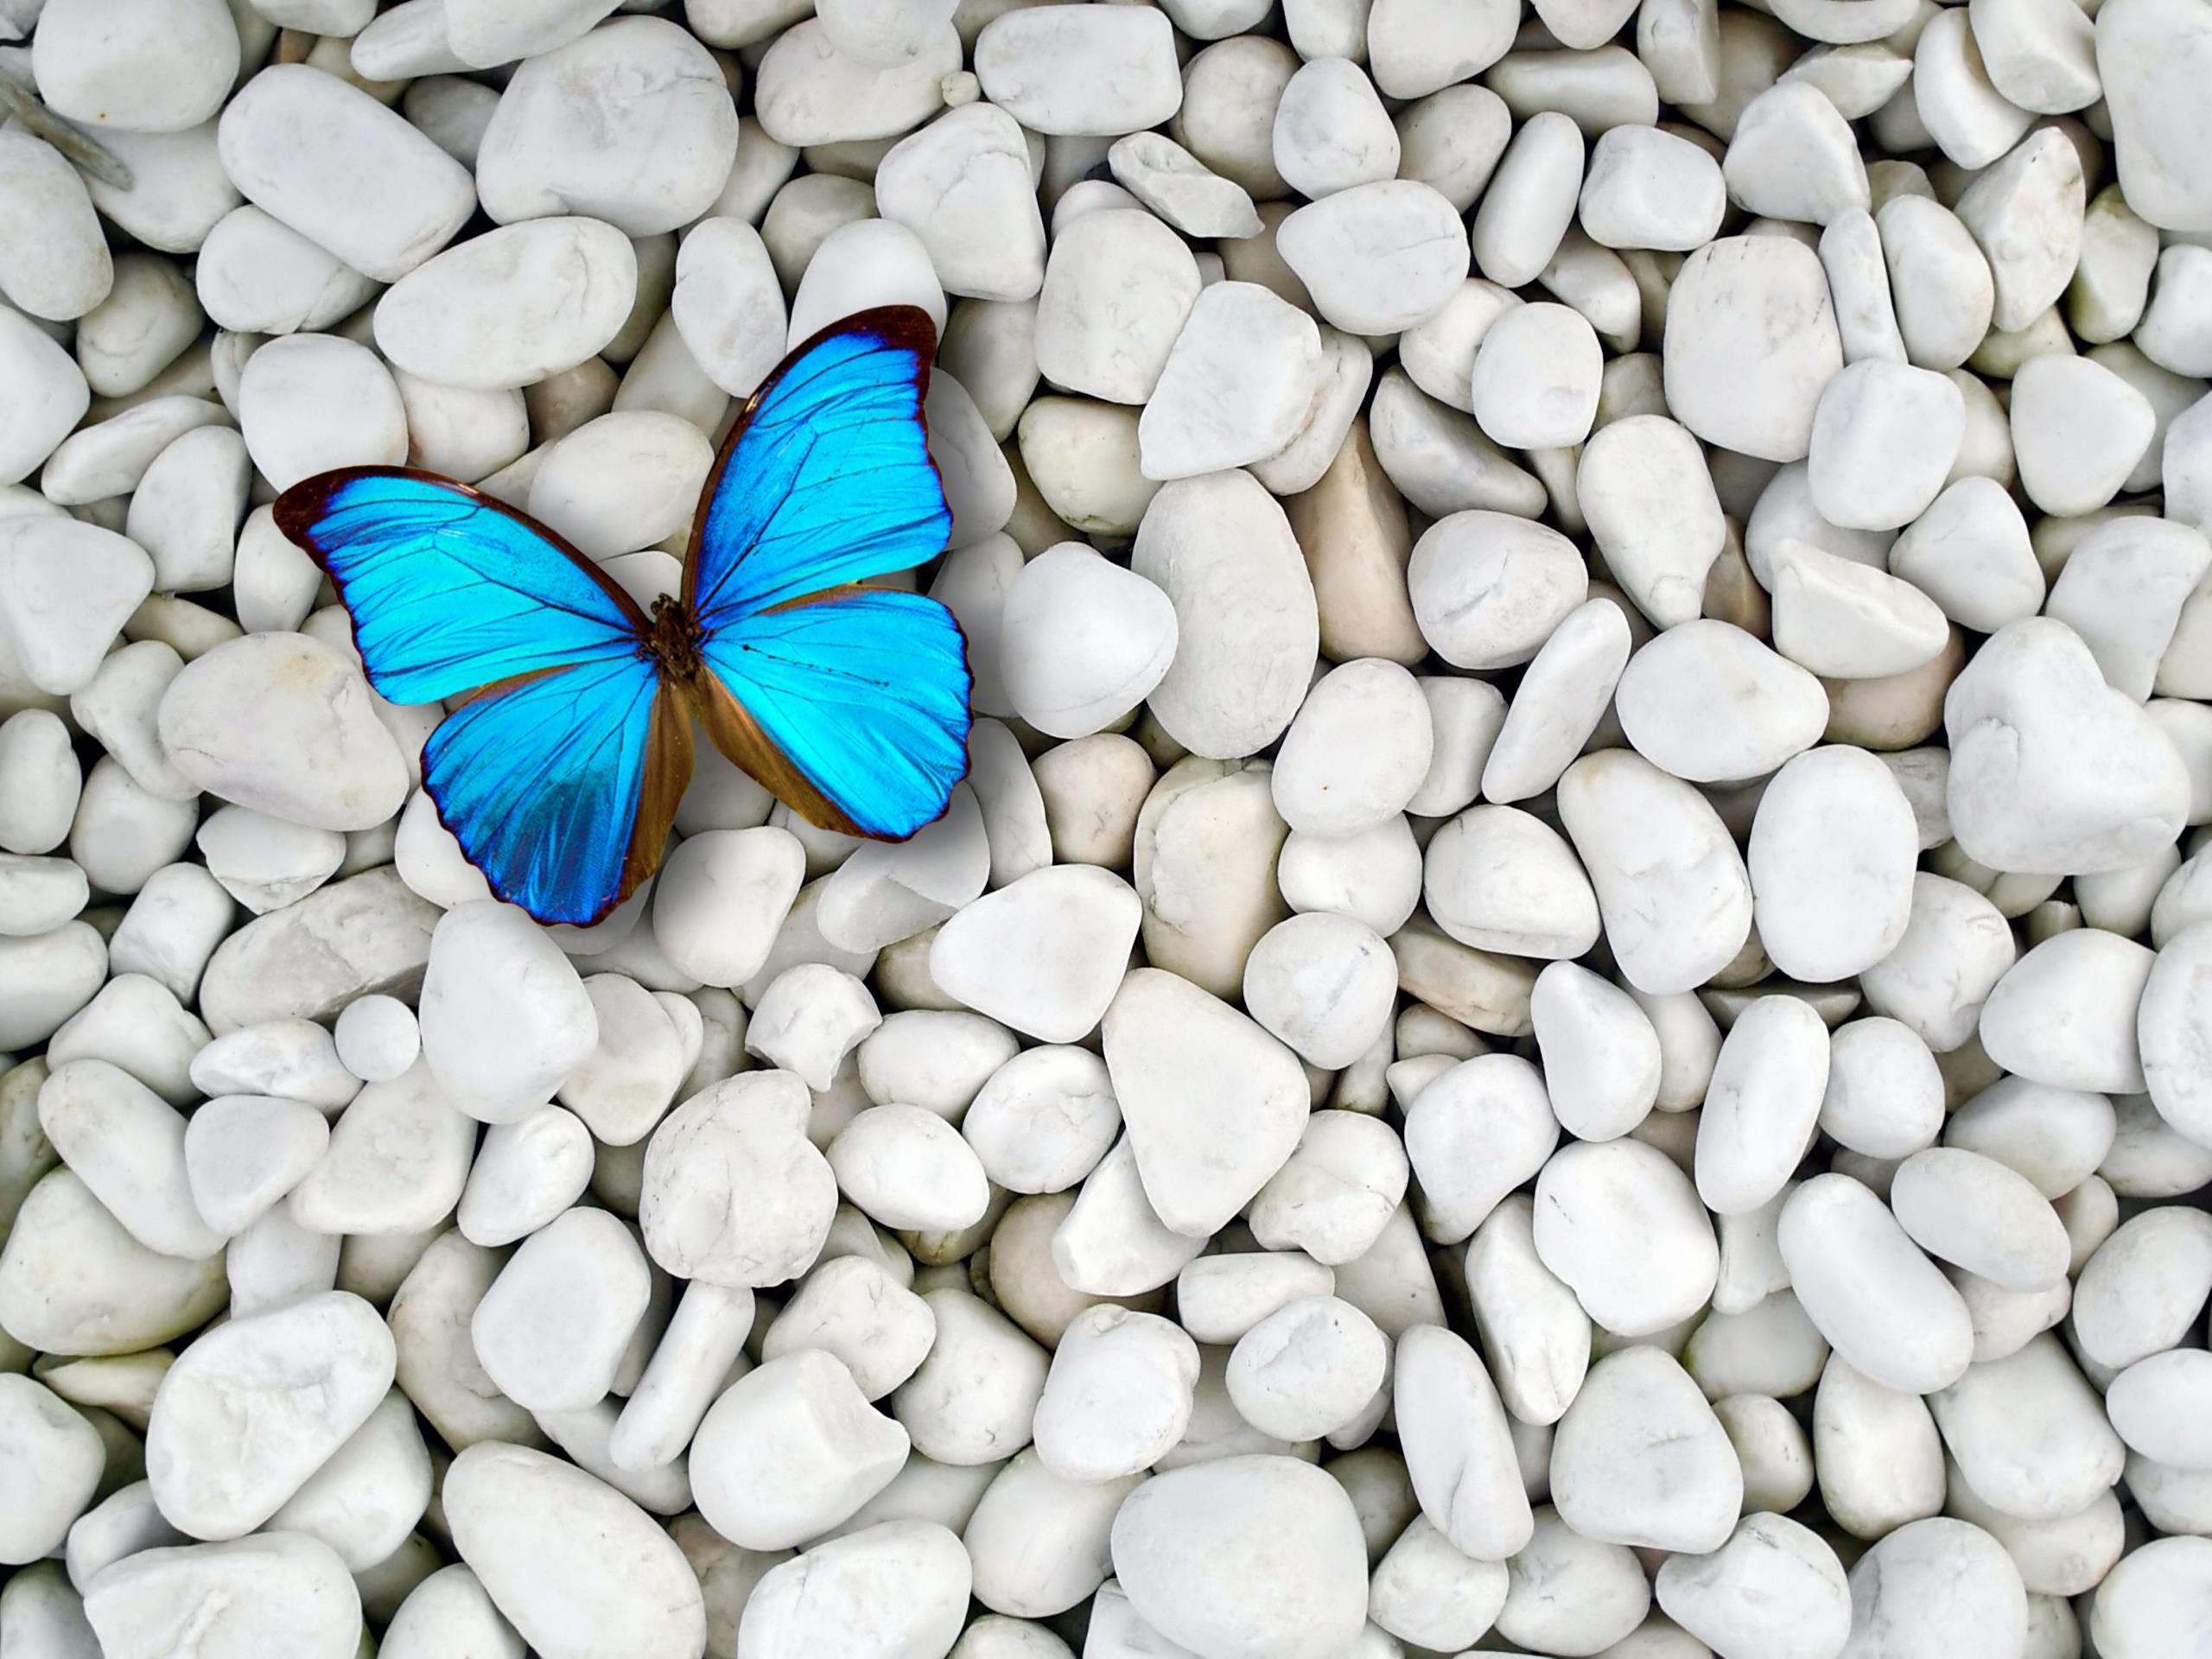 Desktop blue butterfly wallpaper HD.